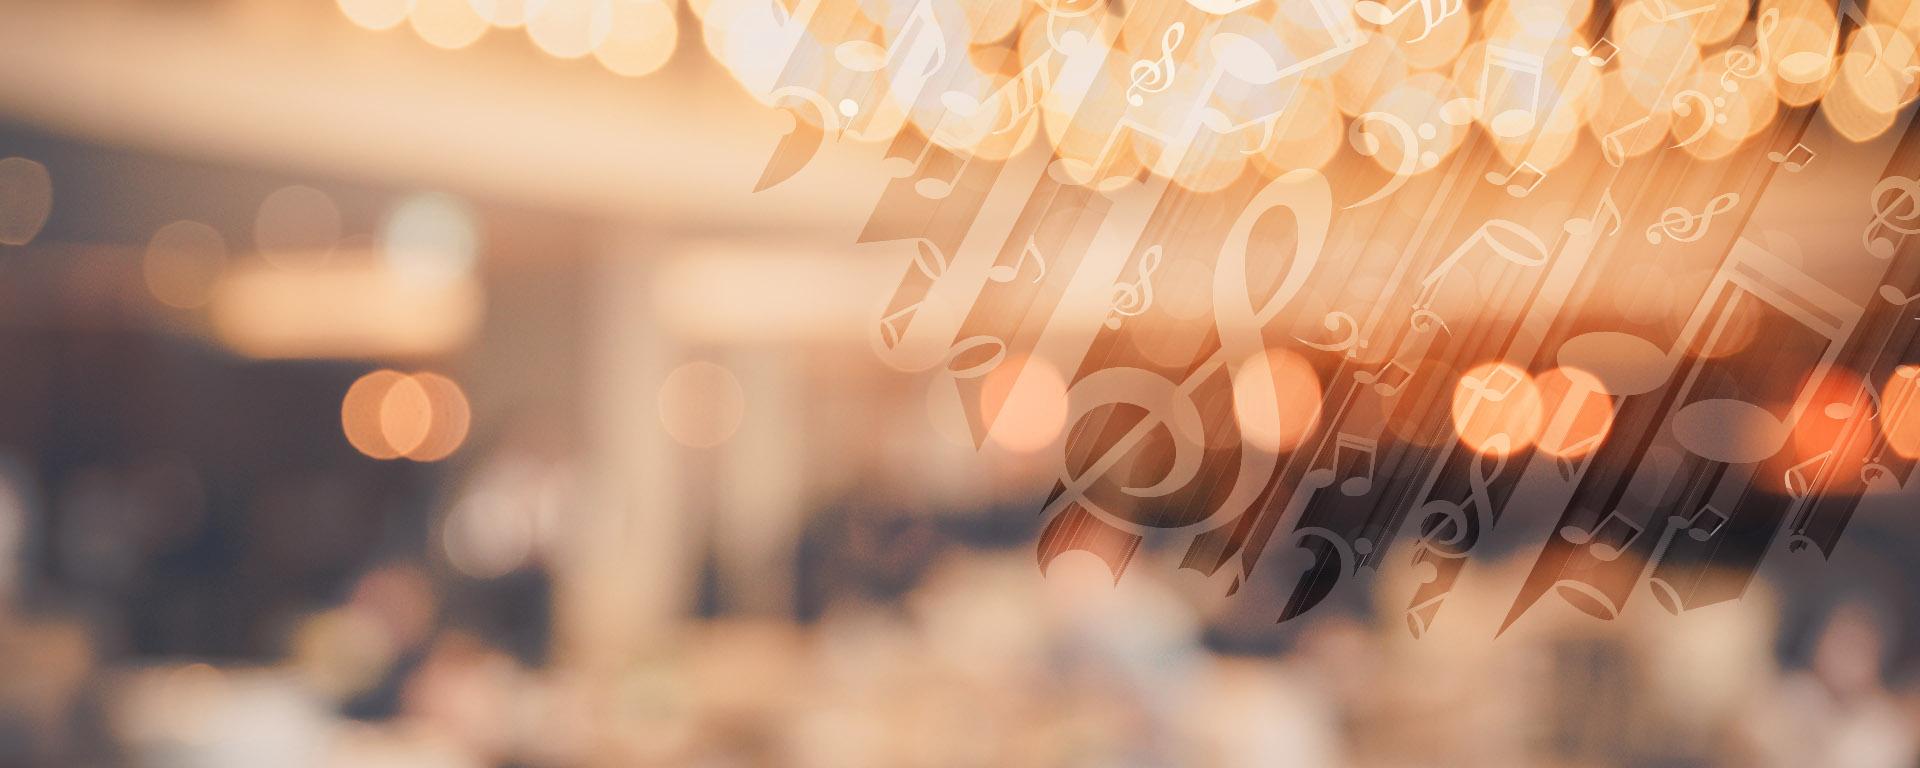 Live-Musik und Kulturveranstaltungen im Seile´s Restaurant & Vino Bar Singen / Hegau: Immer auch eine gute Geschenkidee!